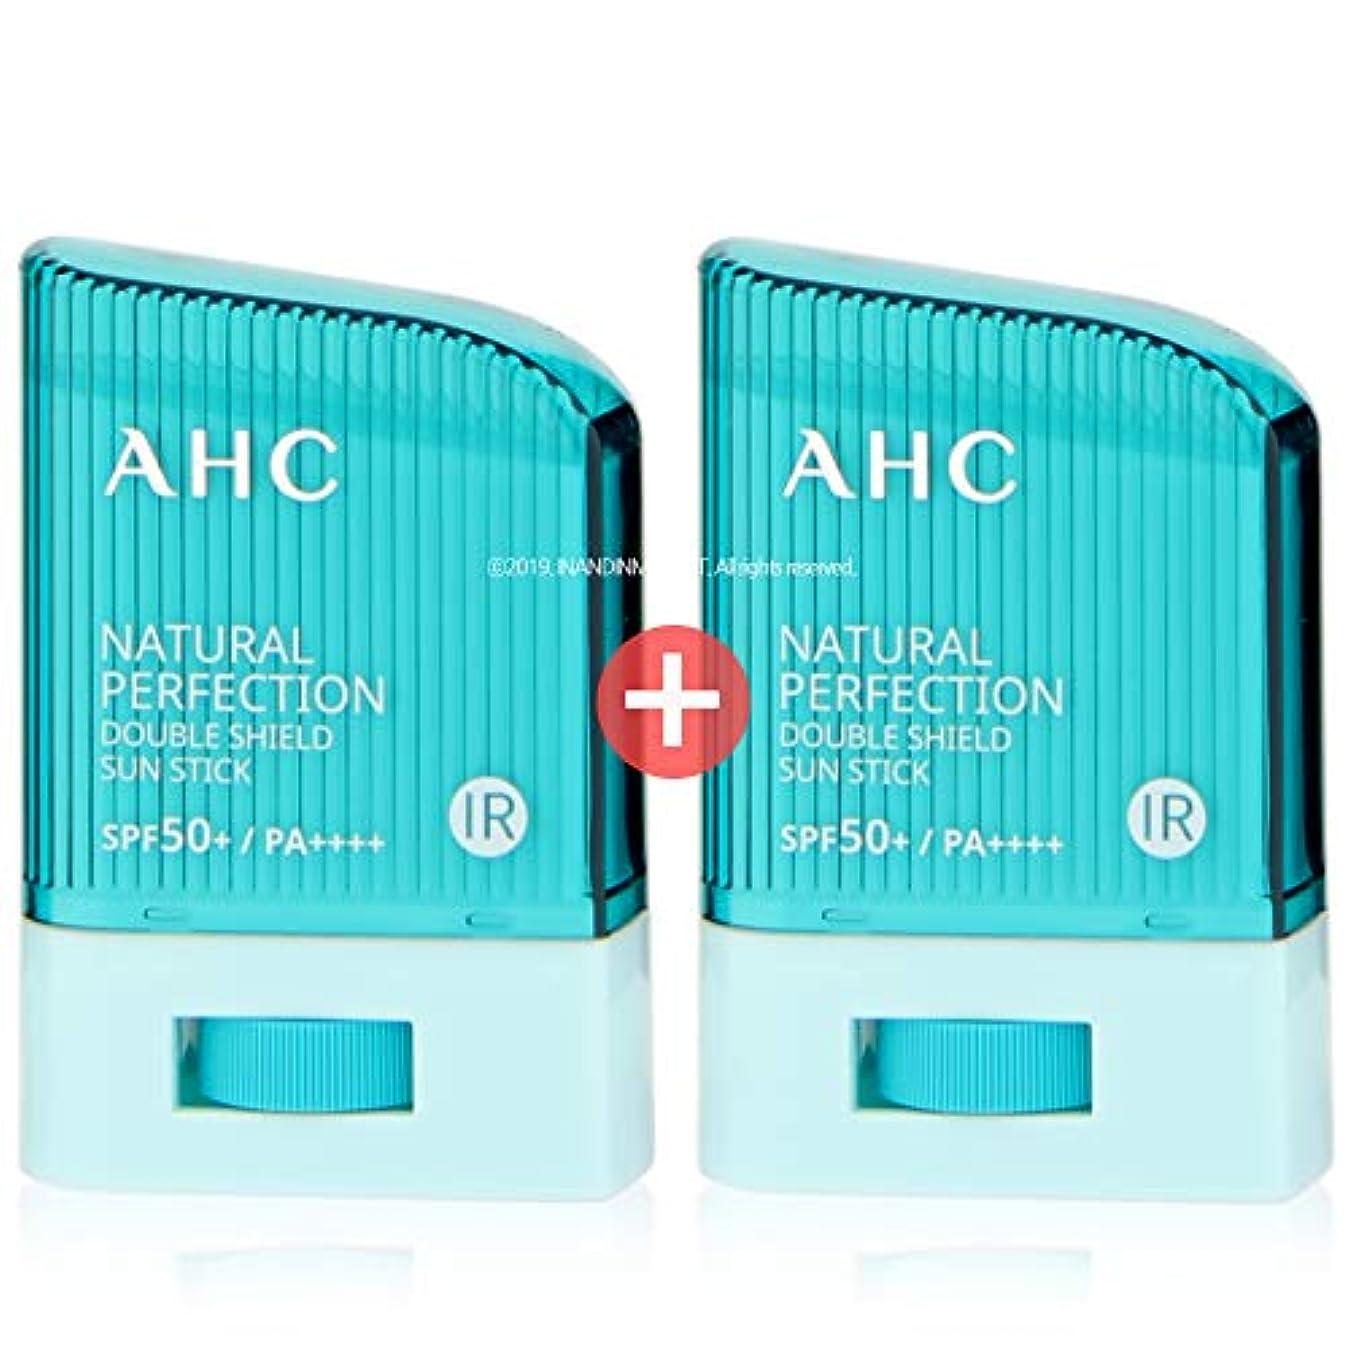 破滅ニュージーランド風変わりな[ 1+1 ] AHC ナチュラルパーフェクションダブルシールドサンスティック 14g, Natural Perfection Double Shield Sun Stick SPF50+ PA++++